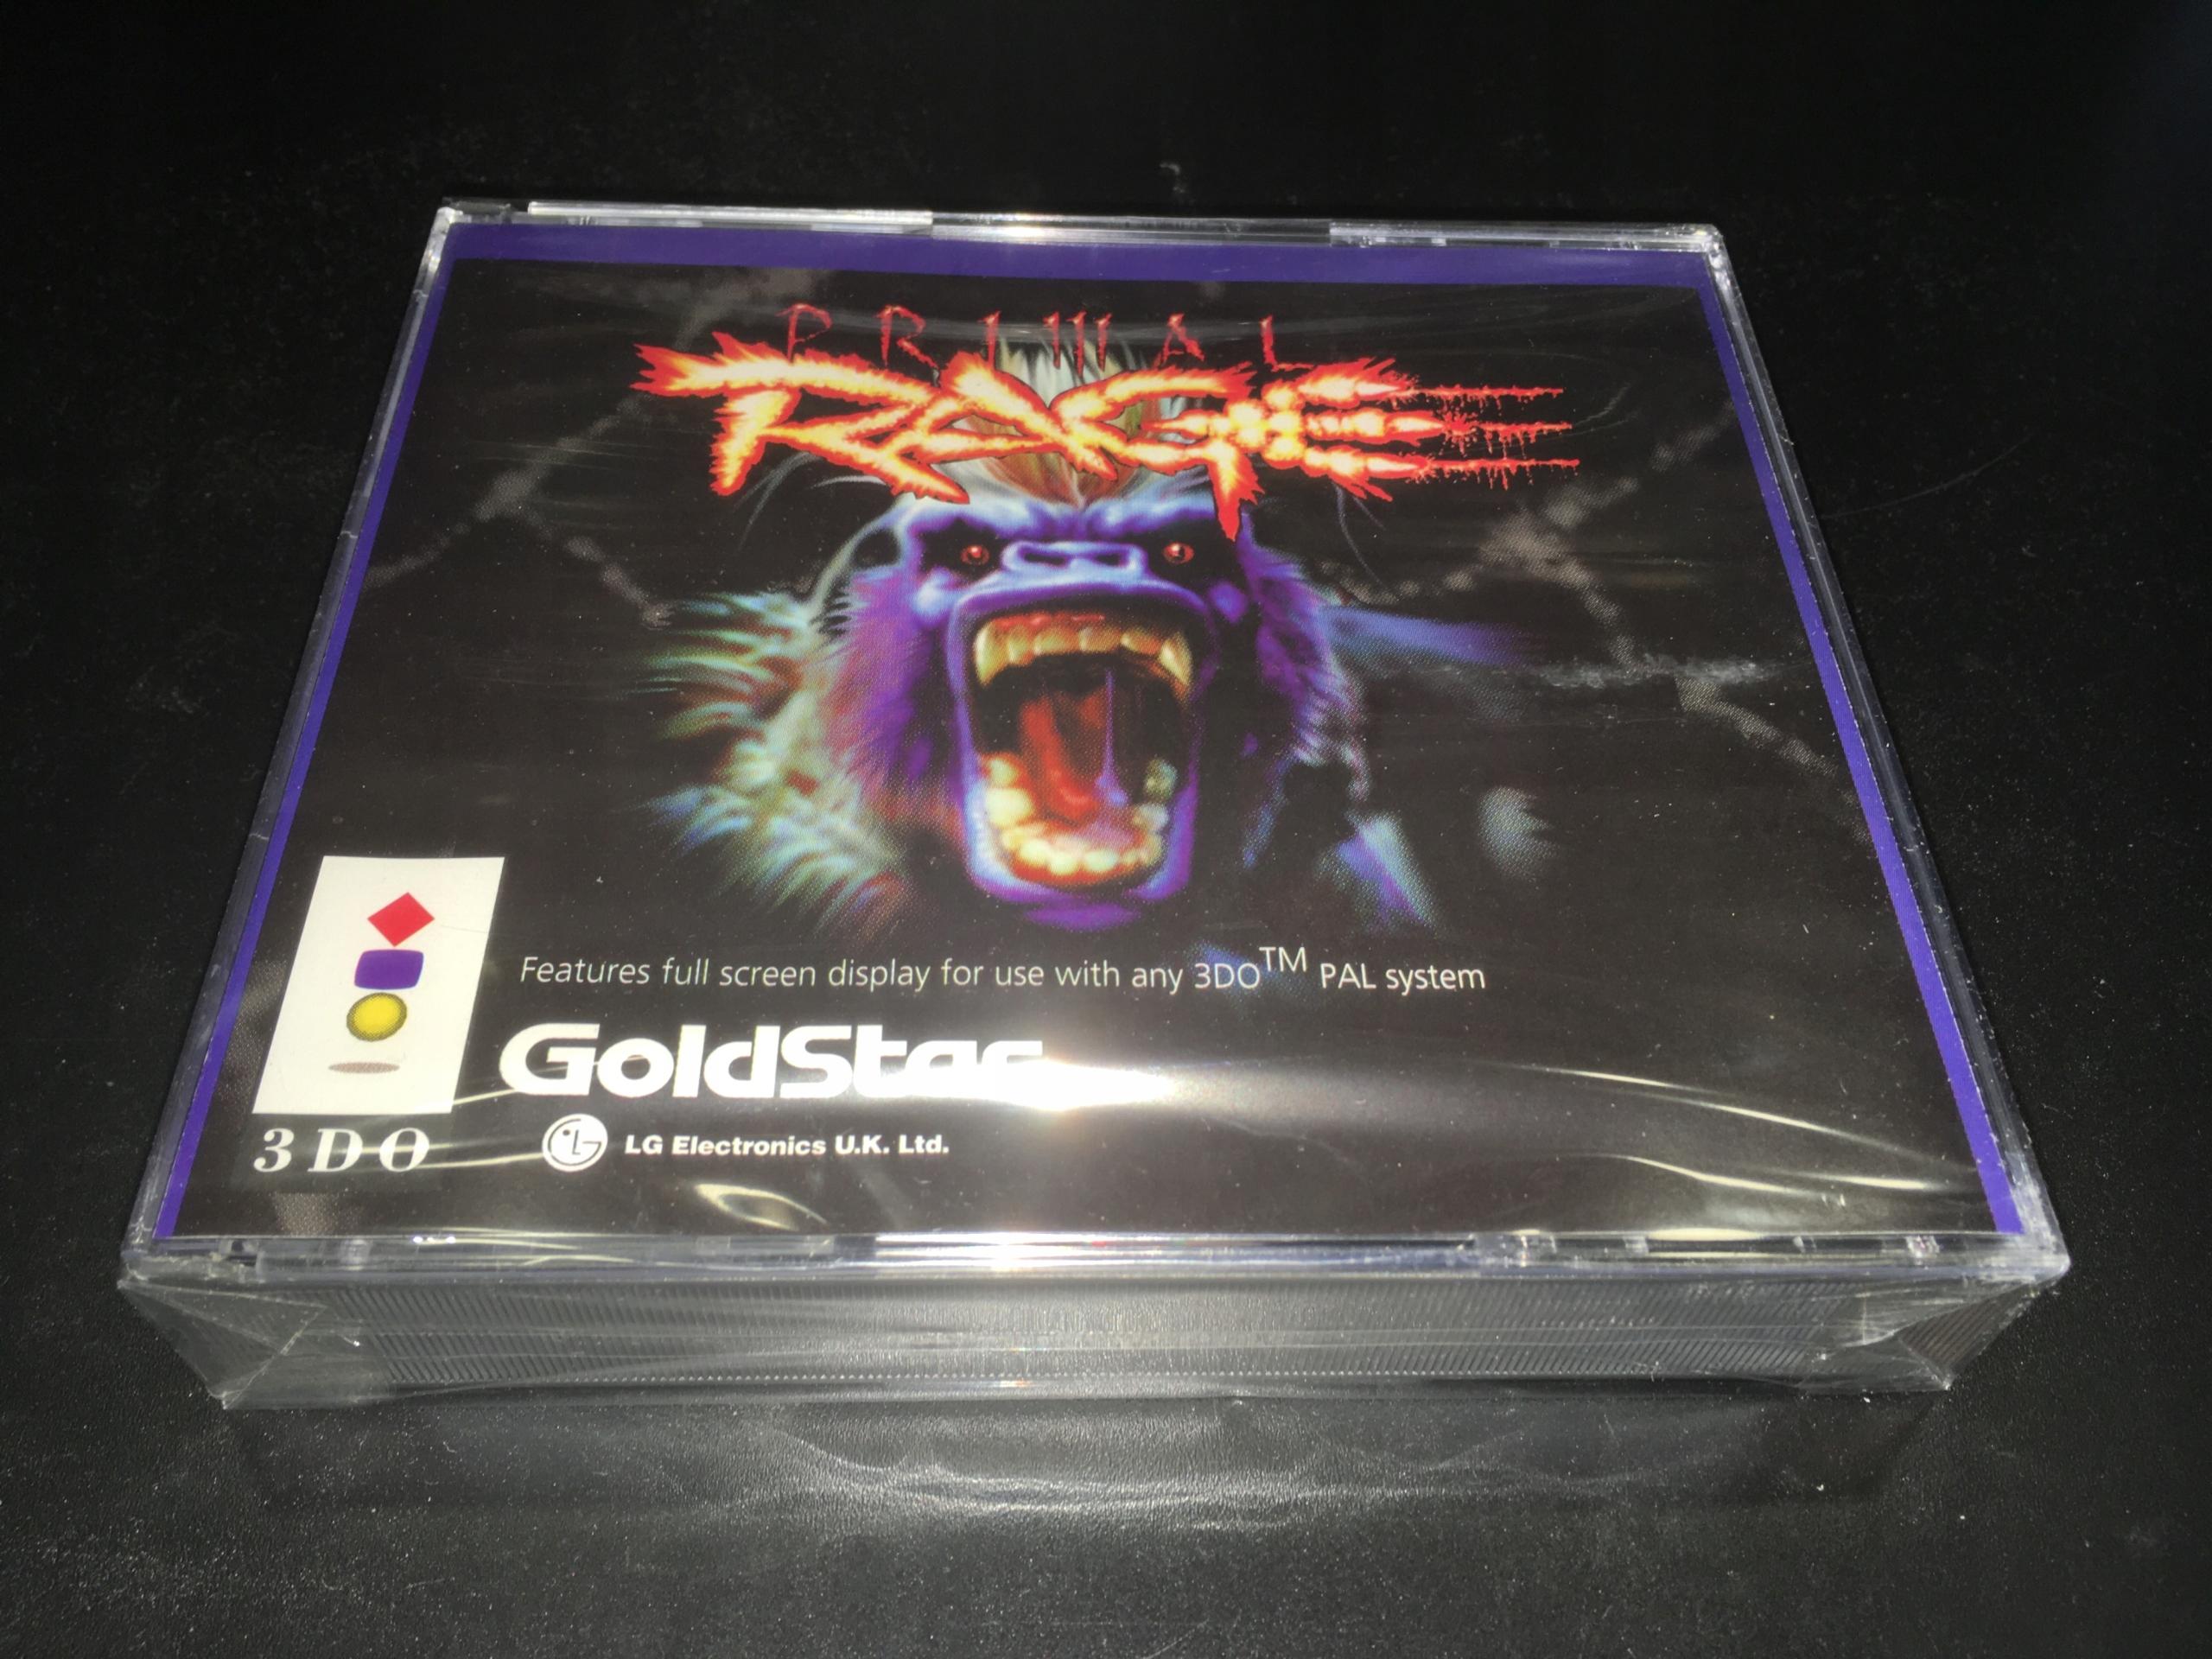 Primal Rage / Panasonic 3DO / úplne nové